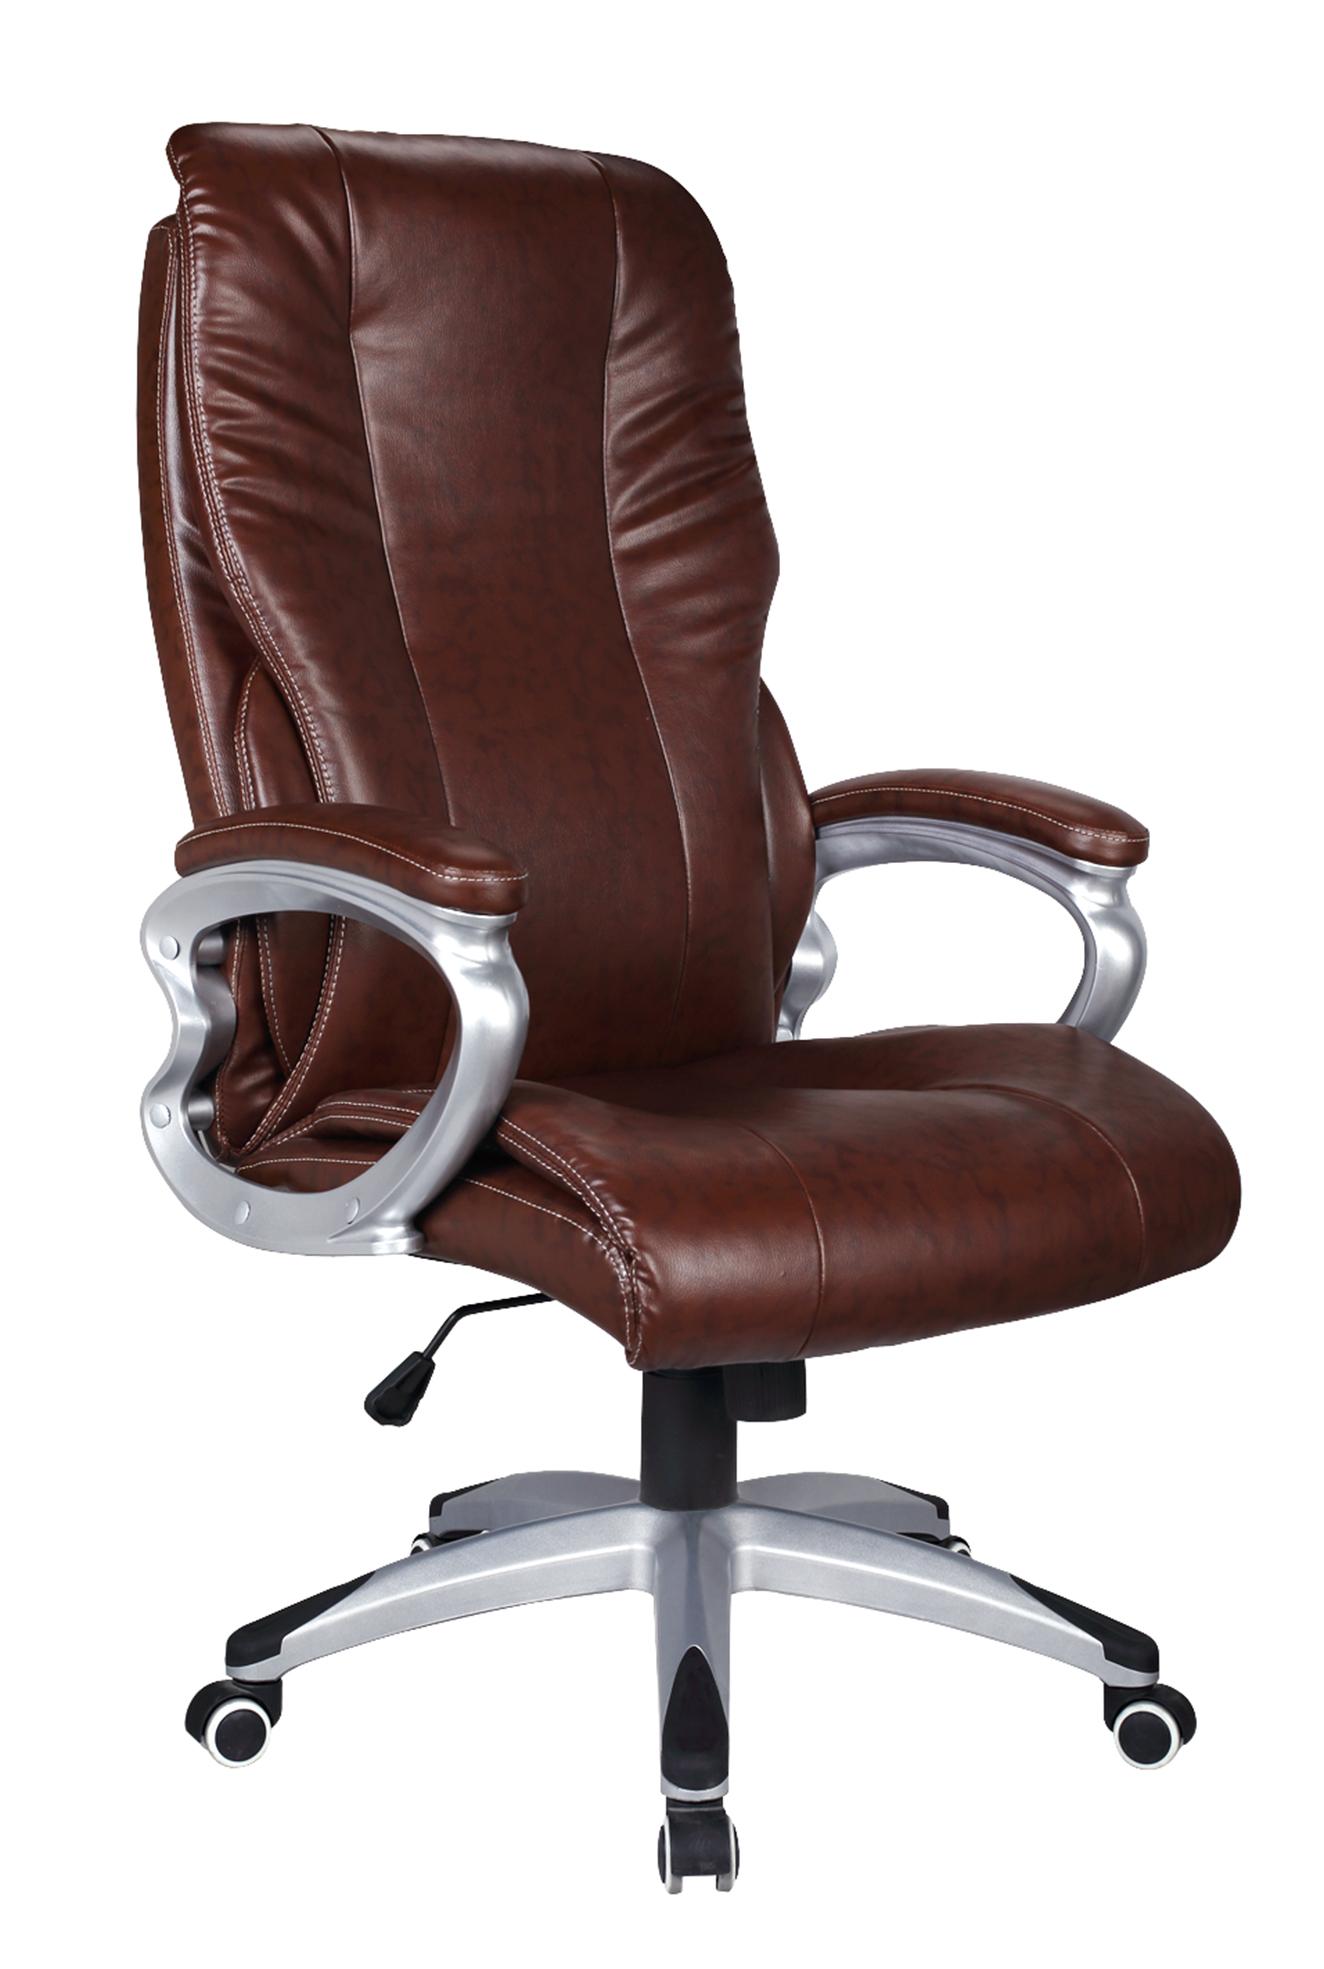 купить кресло nf-3503 в самаре, кресло nf-3503 в наличии